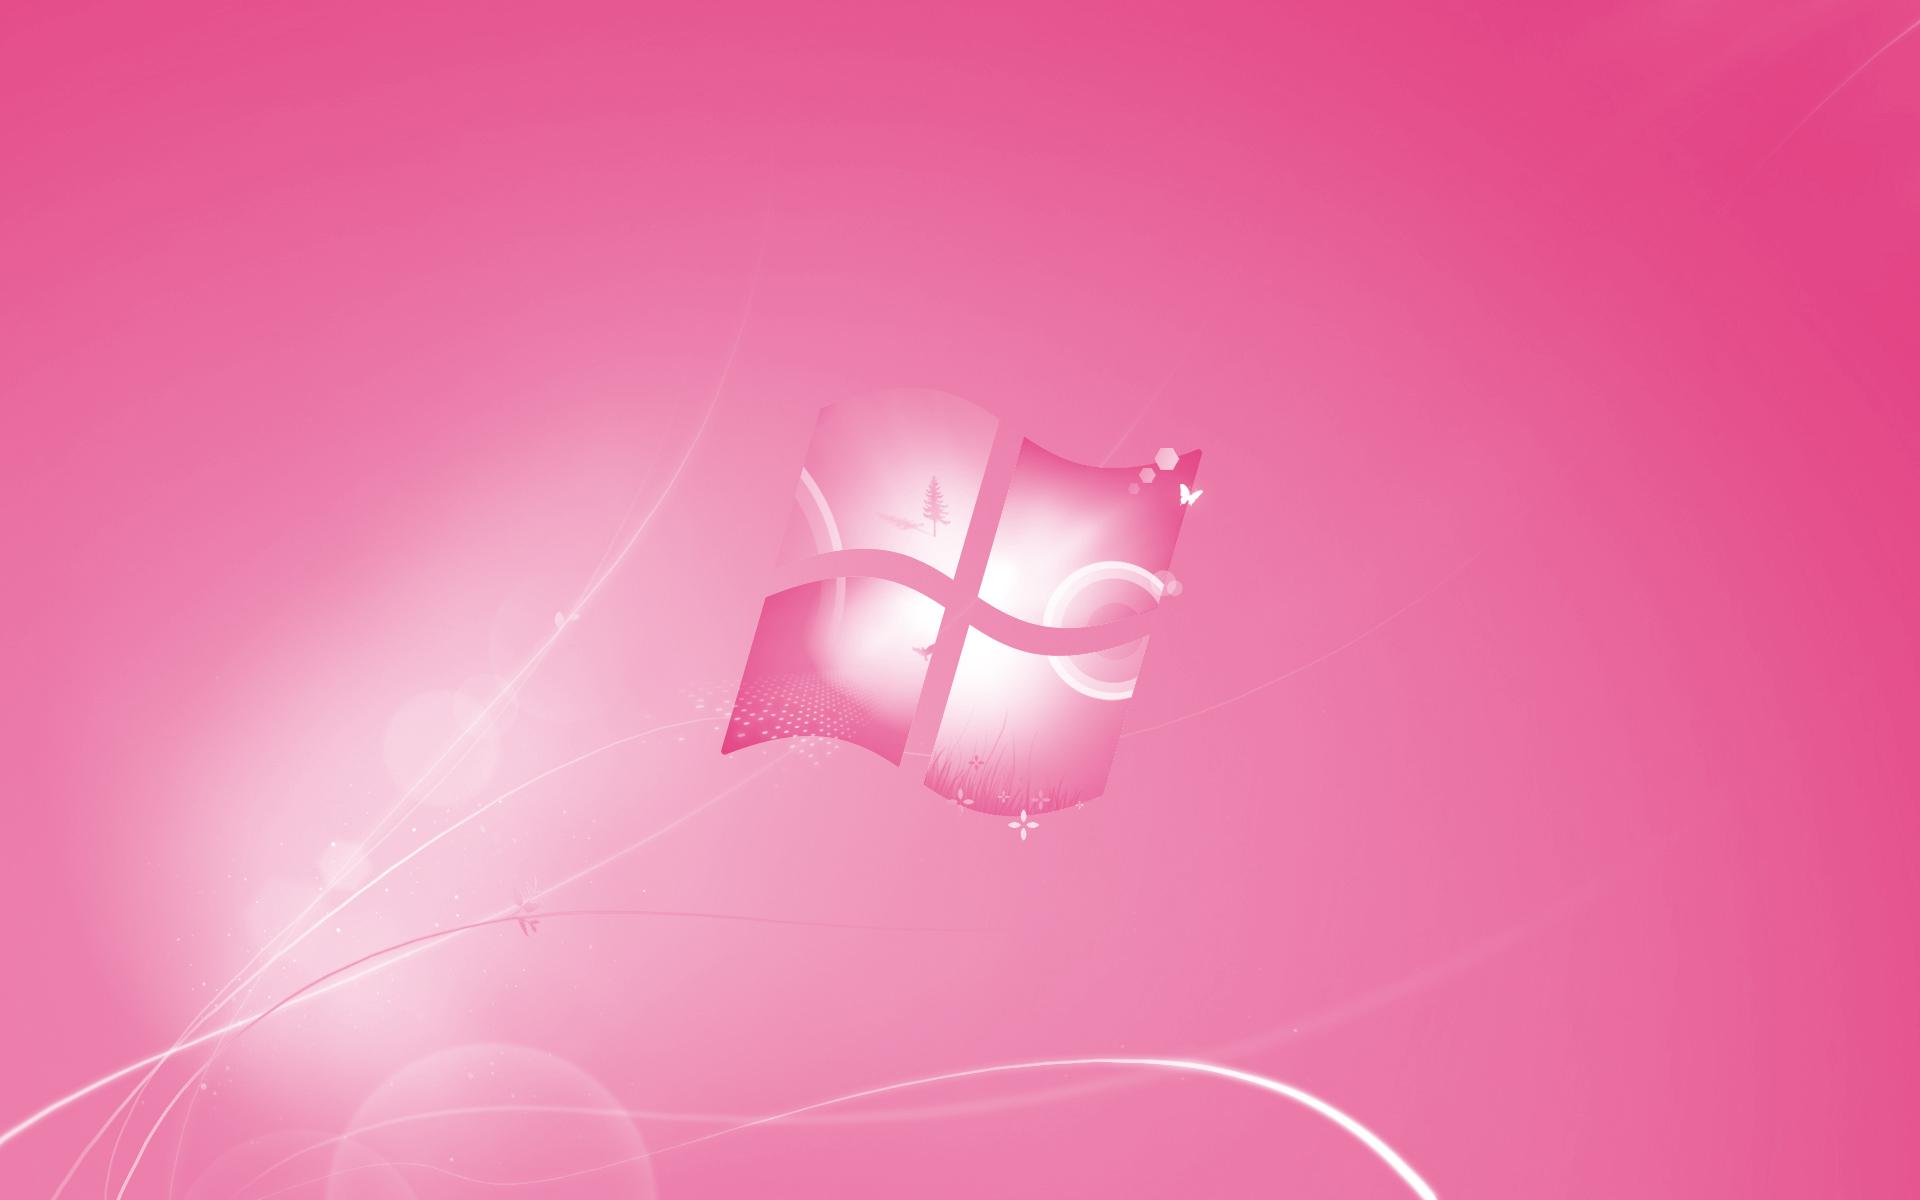 Pink HP Laptop Wallpaper